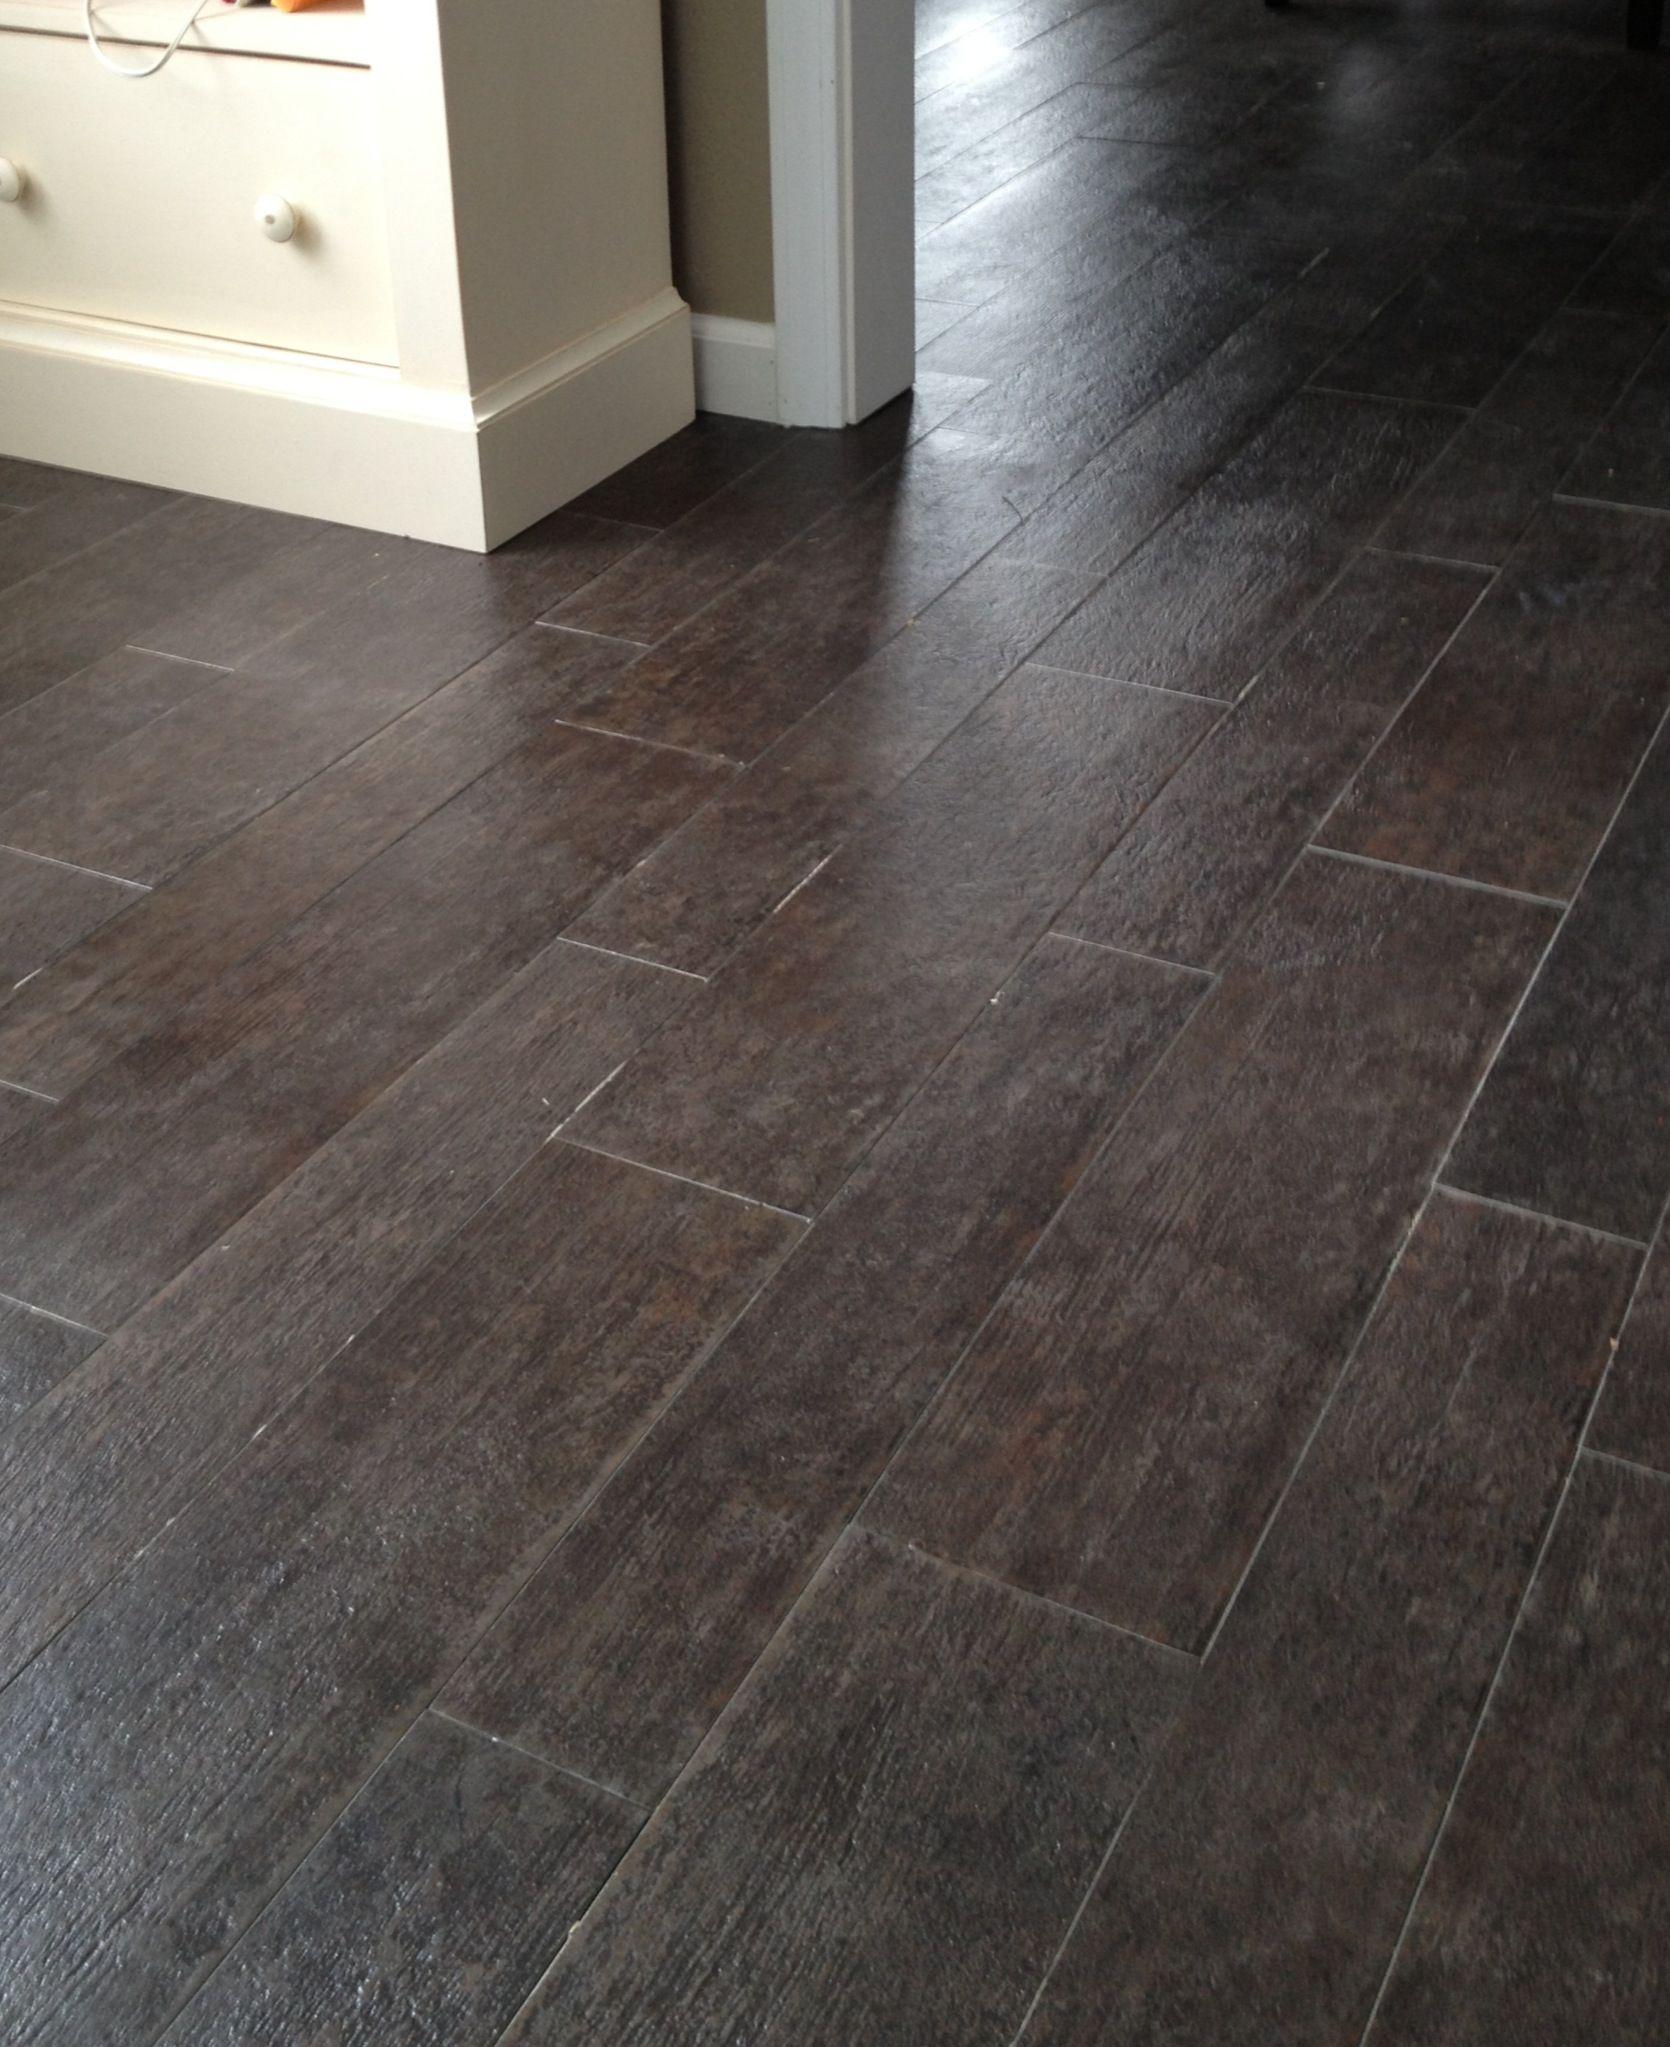 Marazzi Tile Planks (yes, its tile not hardwood) in Ebony -bathroom ...